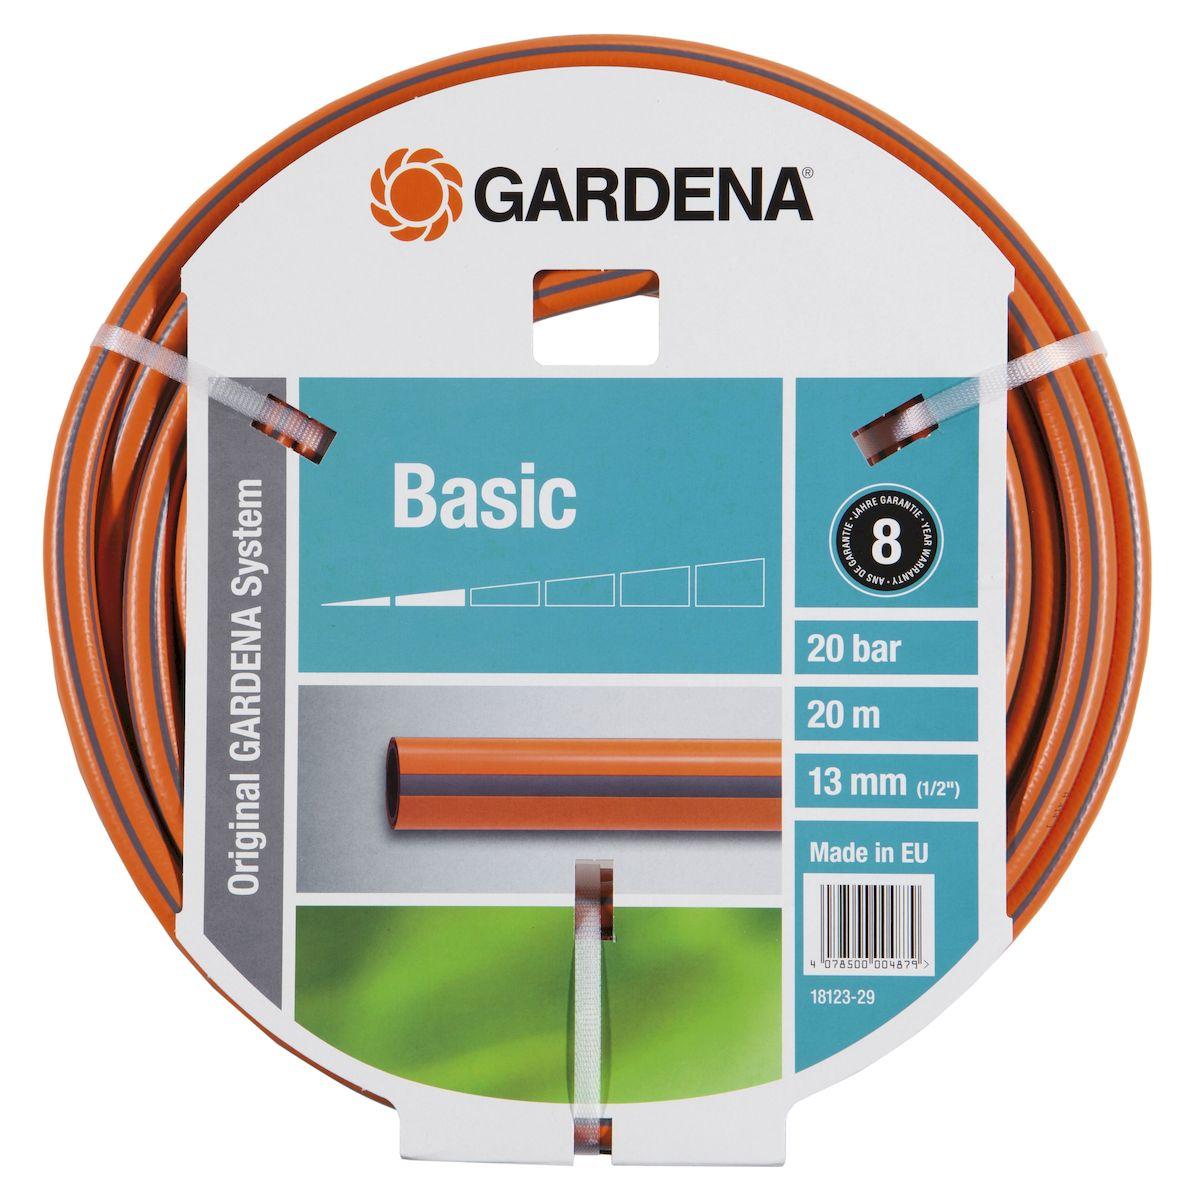 Шланг Gardena Basic, армированный, диаметр 13 мм, длина 20 м18123-29.000.00Садовый шланг Gardena Basic, выполненный из ПВХ, прекрасно сохраняет свою форму благодаря высококачественному текстильному армированию. В шланге отсутствуют фталаты и тяжелые металлы, а устойчивость к УФ-излучению позволяет хранить шланг на улице. Идеально подходит для умеренной интенсивности использования. Диаметр: 3 мм.Длина: 20 м.Maксимальное давление: 20 бар.